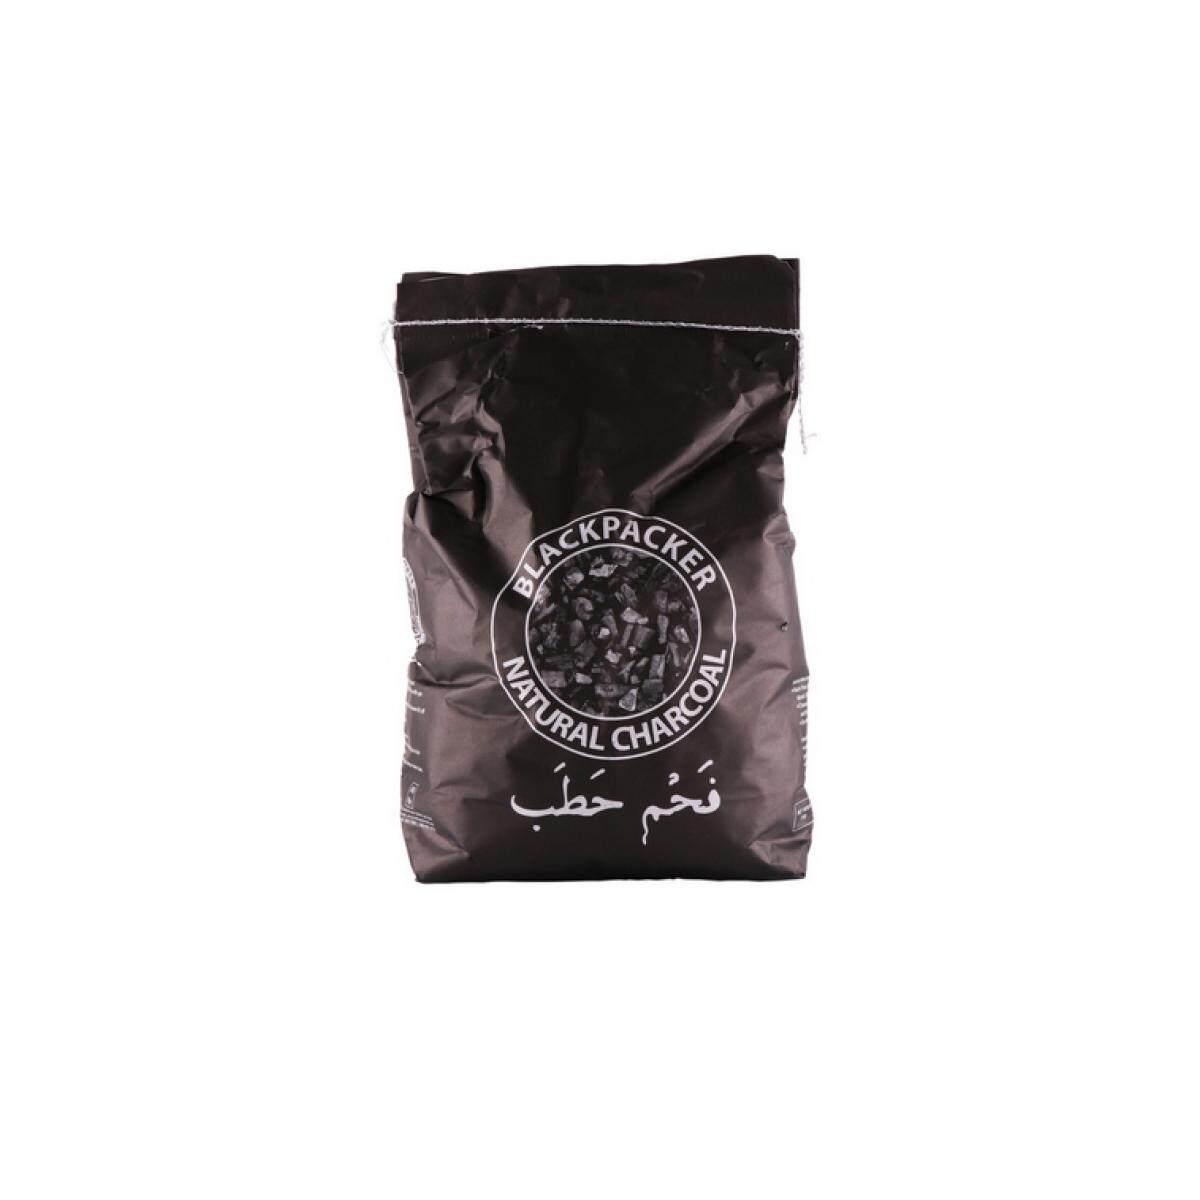 [ของแท้ จัดส่งฟรี] Blackpacker Charcoal ถ่านไม้ Nc01 3kg ของแท้ สินค้าคุณภาพ By Nc Smile.